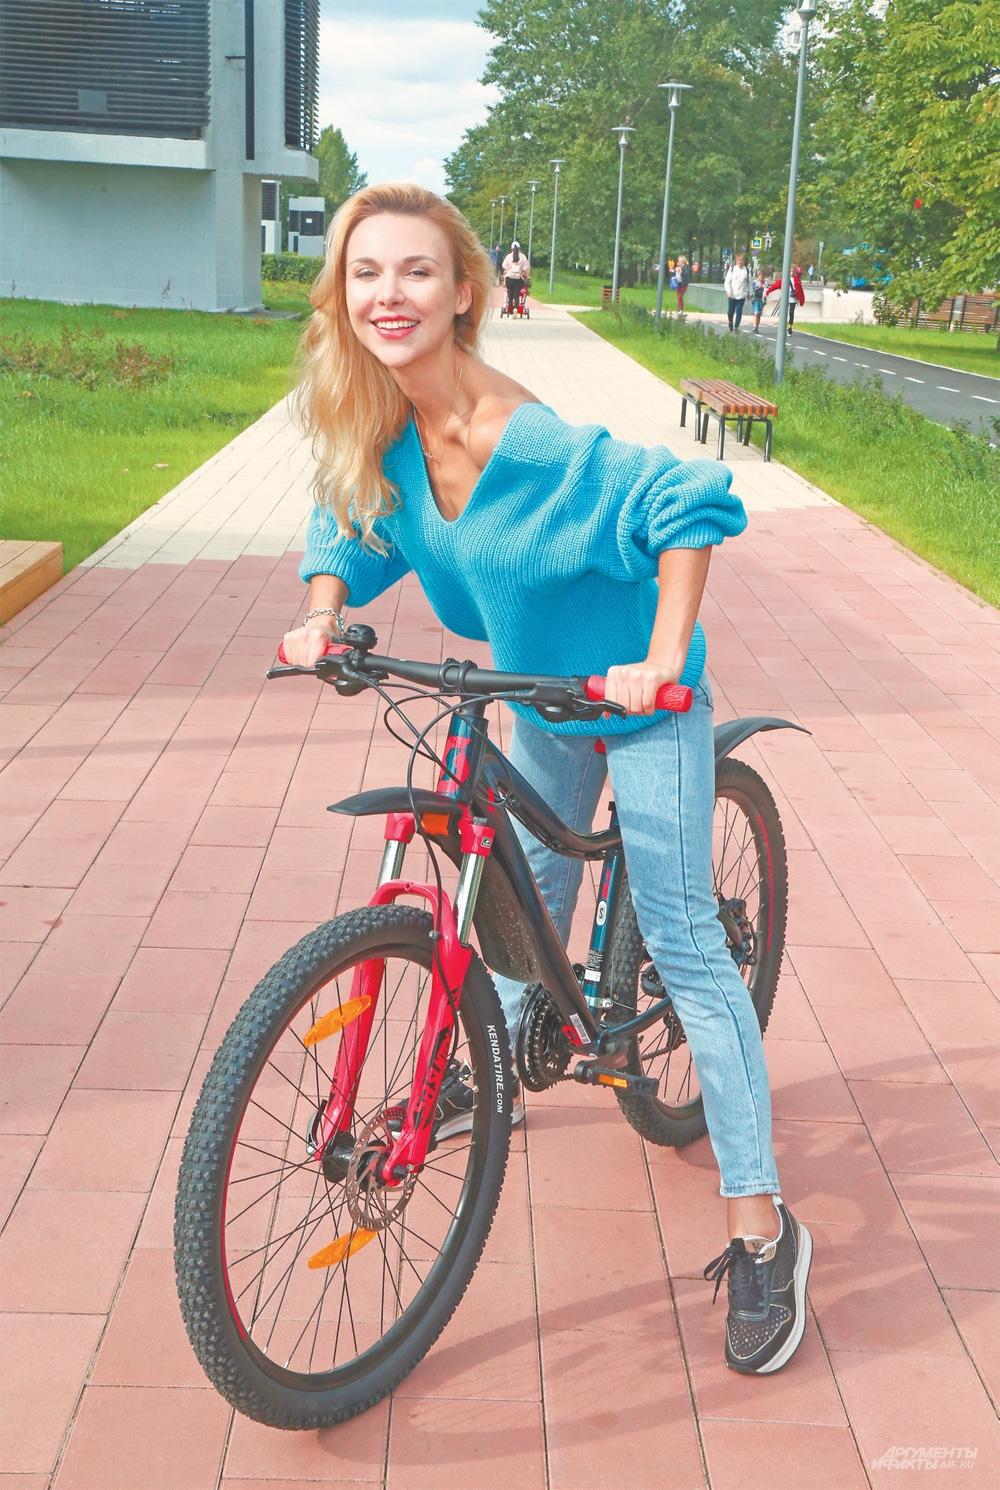 «Я обожаю уникальный велотрек, построенный вКрылатском кОлимпиаде. Часто катаюсь здесь навелосипеде– отличная кардиотренировка»,– говорит актриса Ева Авеева.